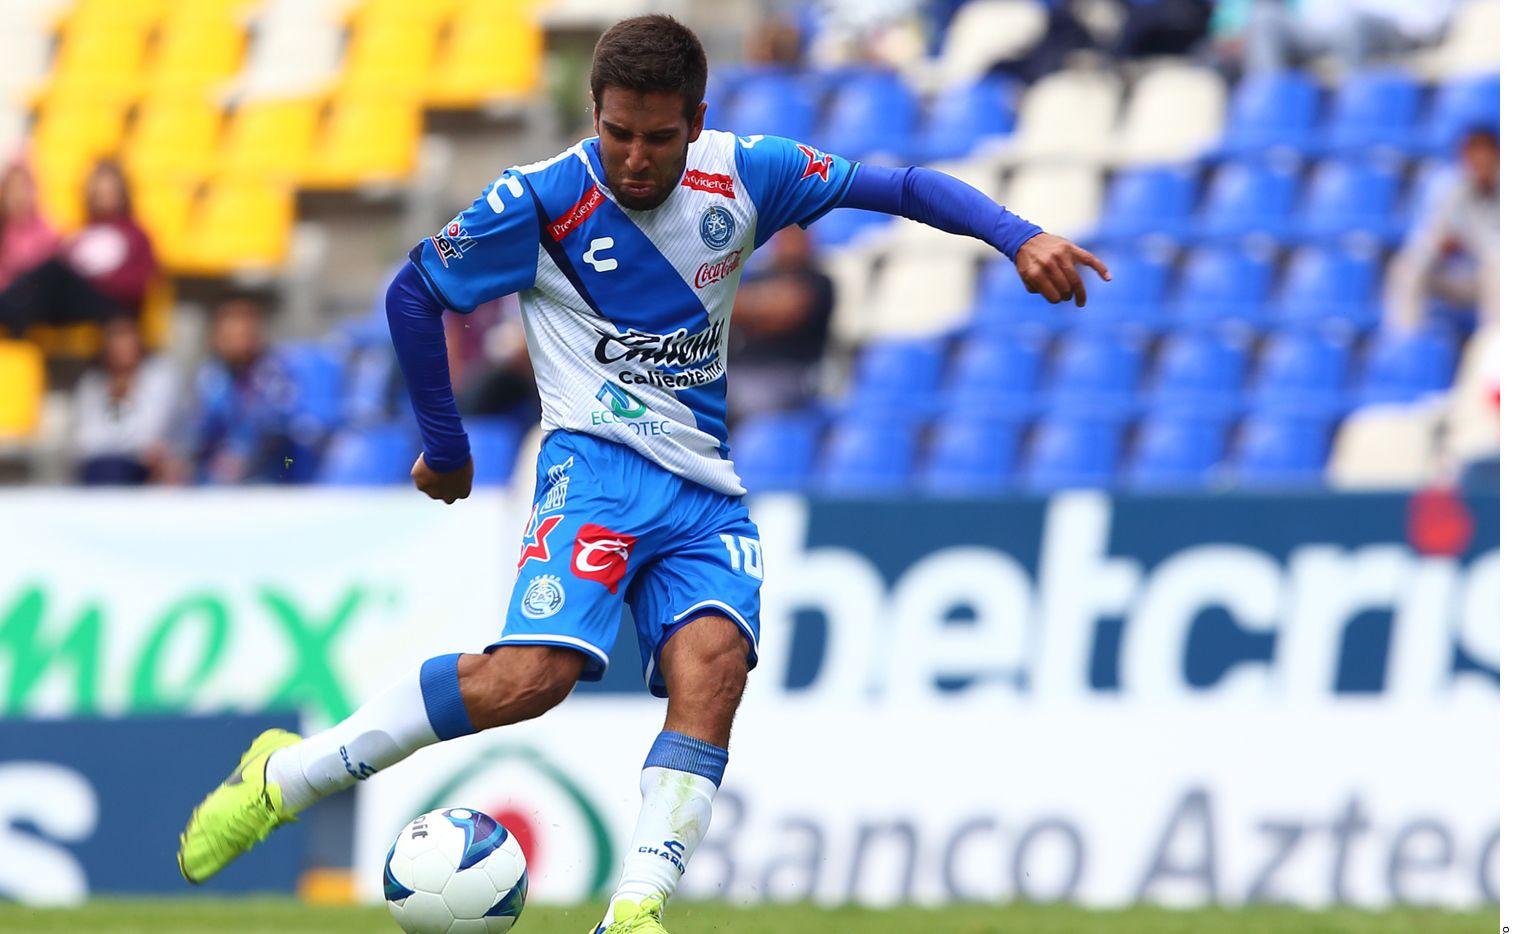 Pablo González se une al mediocampo del Atlas para el nuevo torneo de la Liga MX.